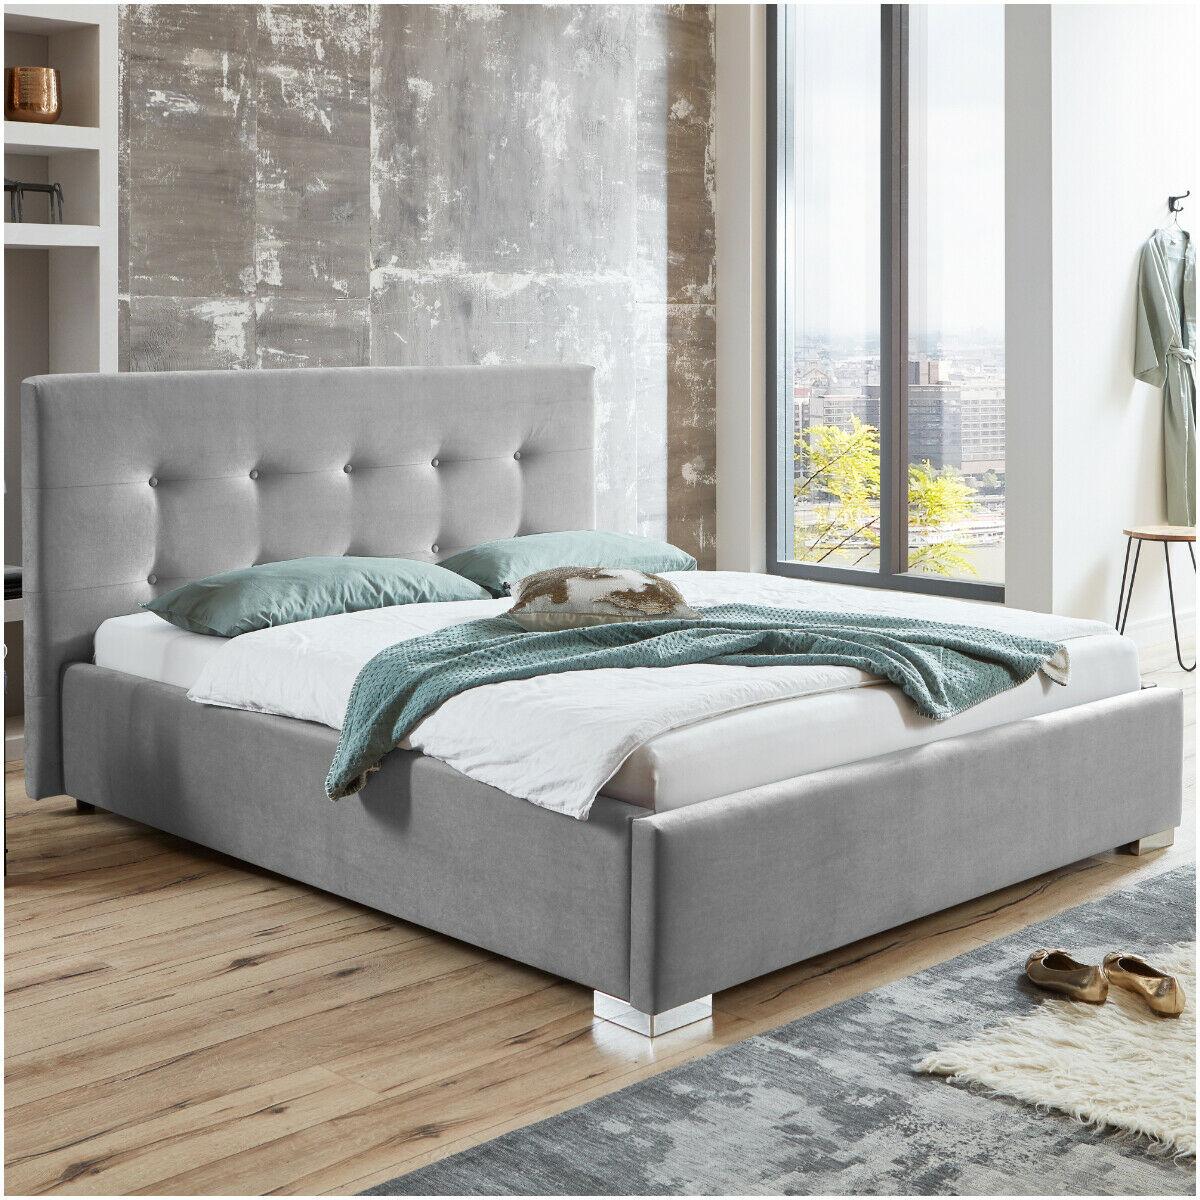 Full Size of Chesterfield Bett Samt Schwarz Betten Ikea 160x200 Weiß 180x200 Hasena Designer 140x200 Mit Aufbewahrung Zum Ausziehen Kaufen Günstig 120x200 Matratze Wohnzimmer Bett Samt Schwarz